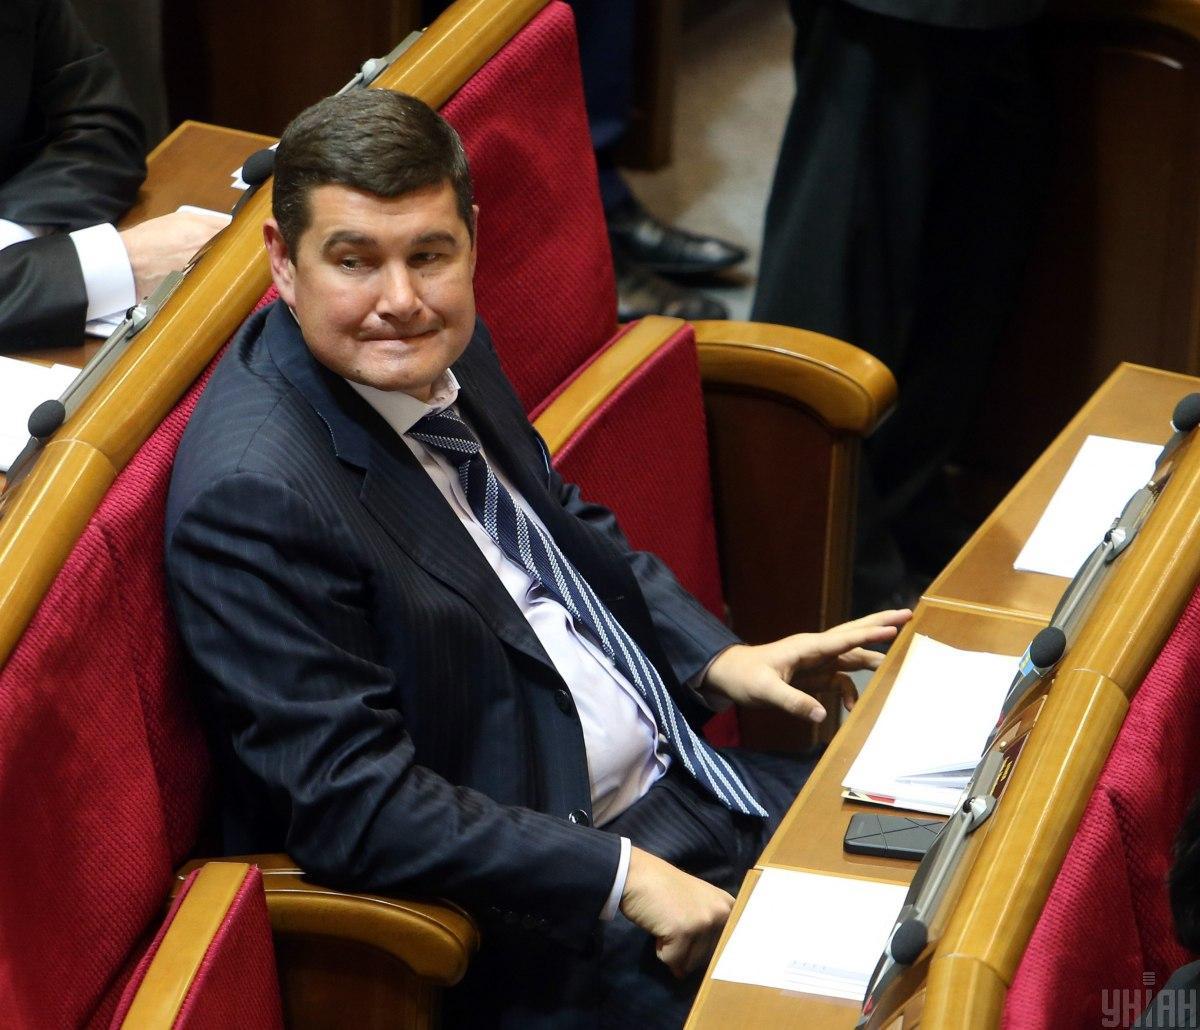 Суд также отменил ордер об аресте Онищенко / фото: УНИАН